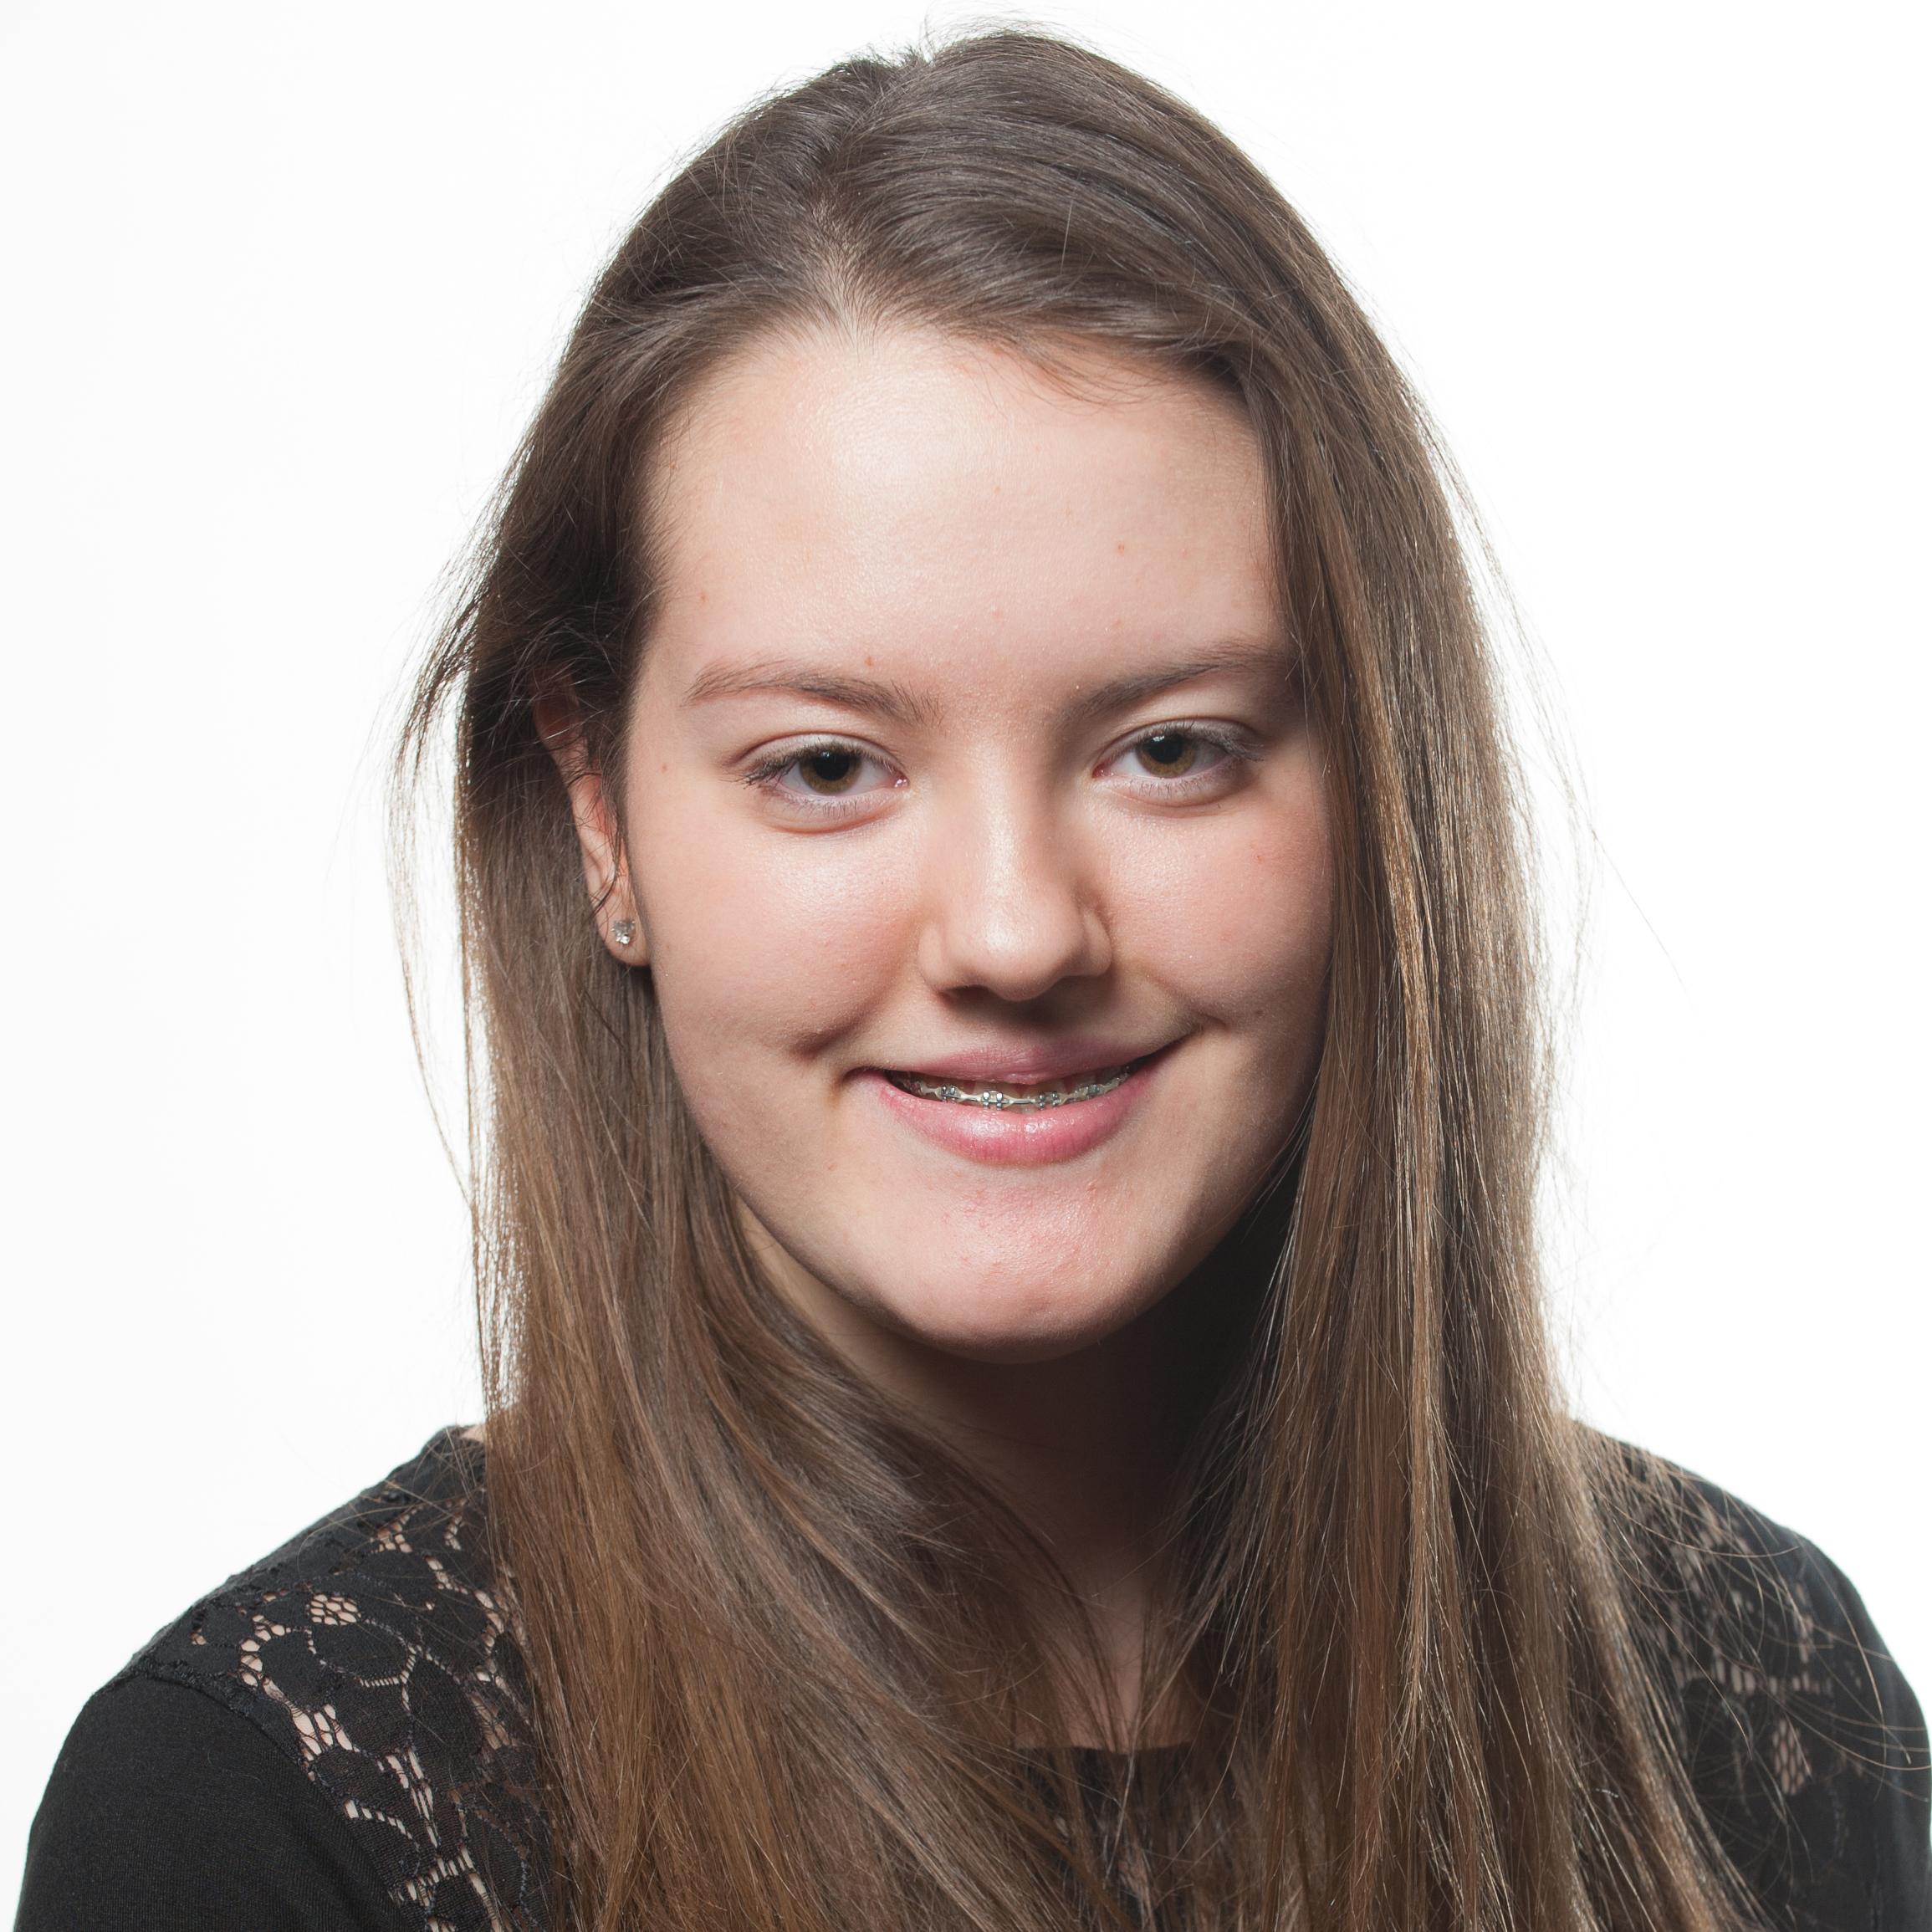 Stefanie Burch